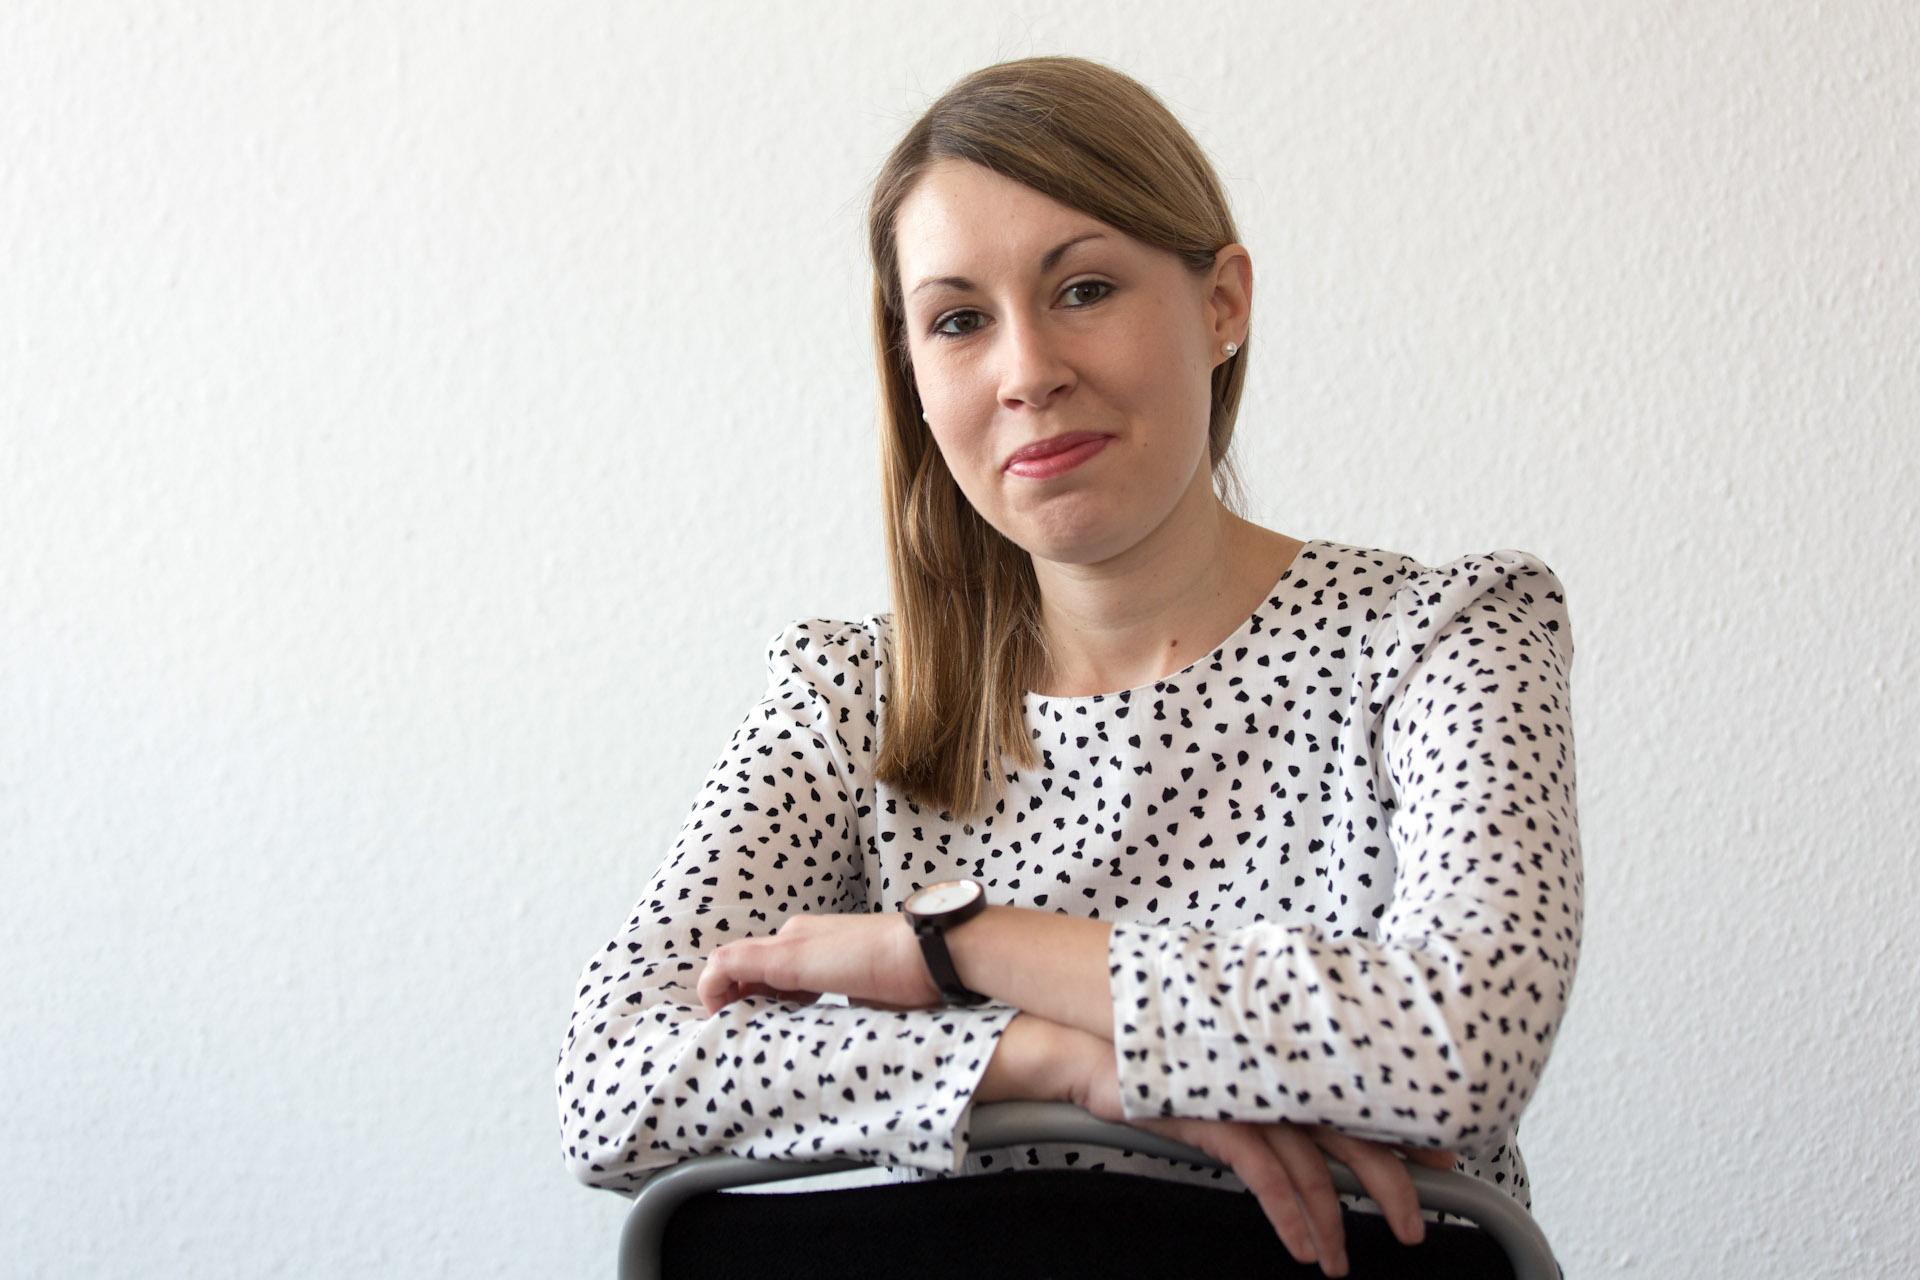 """Luisa Boos, Generalsekretärin der SPD in Baden-Württemberg - Luisa Boos, Generalsekretärin der SPD in Baden-Württemberg -  """"Kopf über Herz"""" taz. die tageszeitung 03.03.2018"""